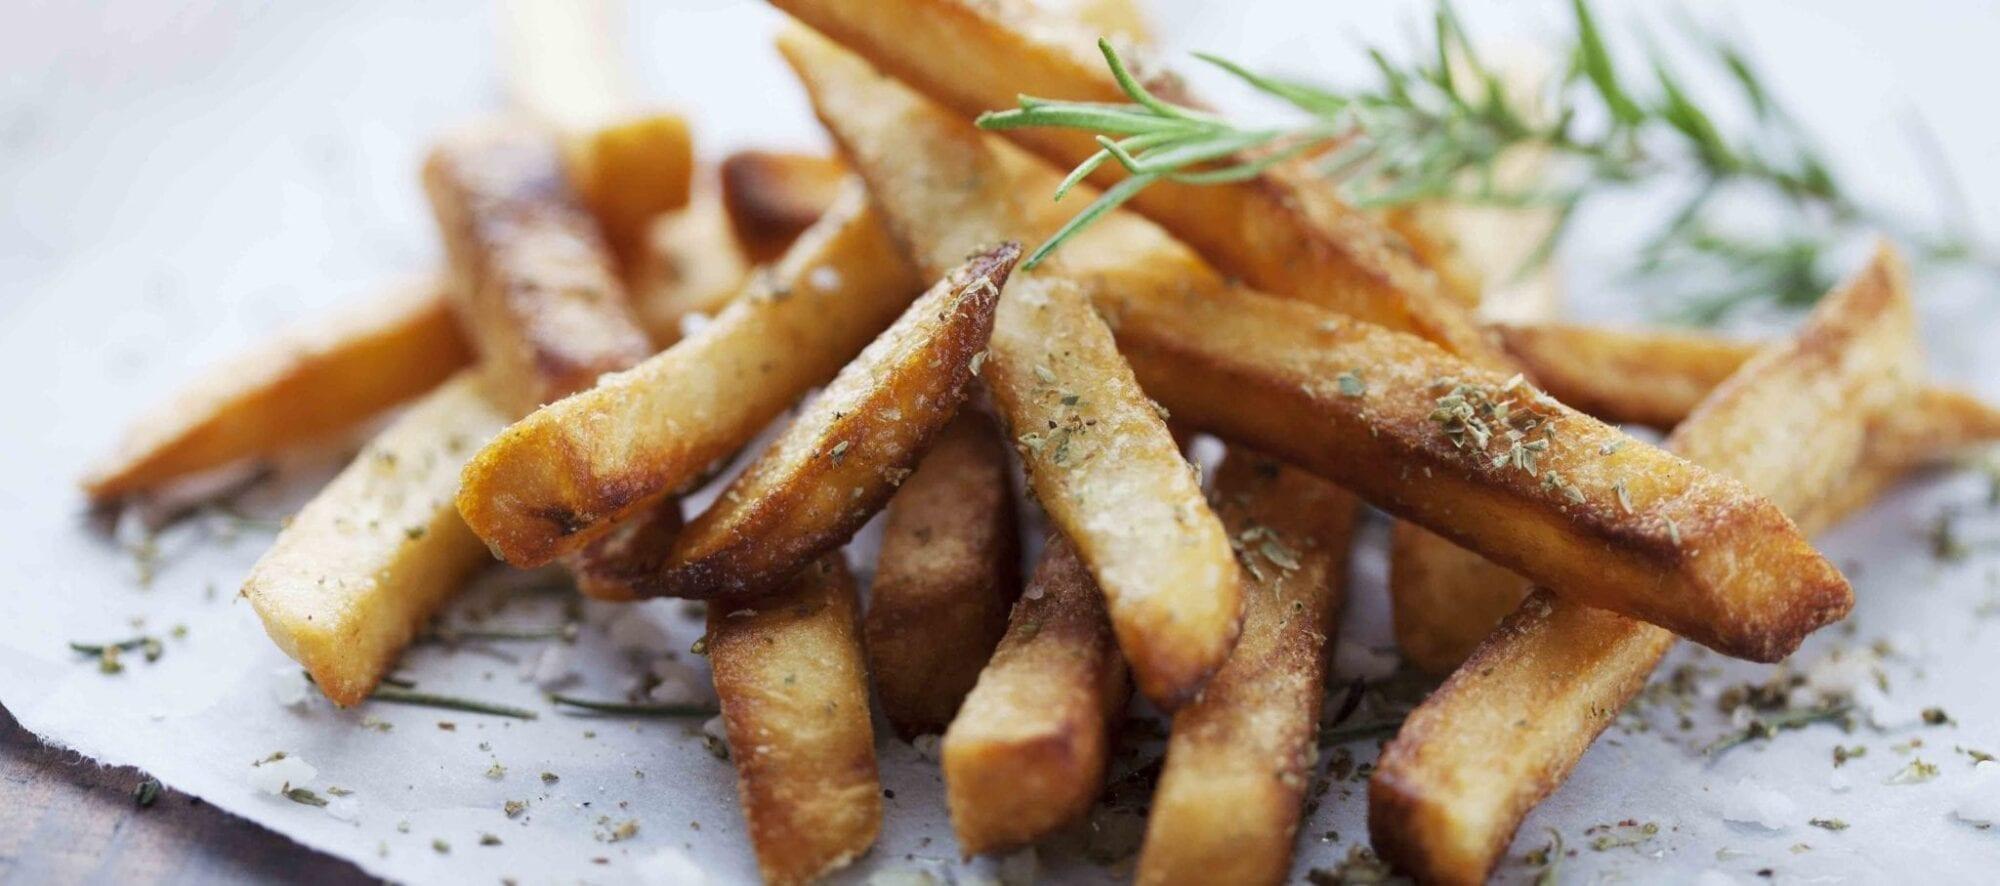 Kartoffelchips i stænger